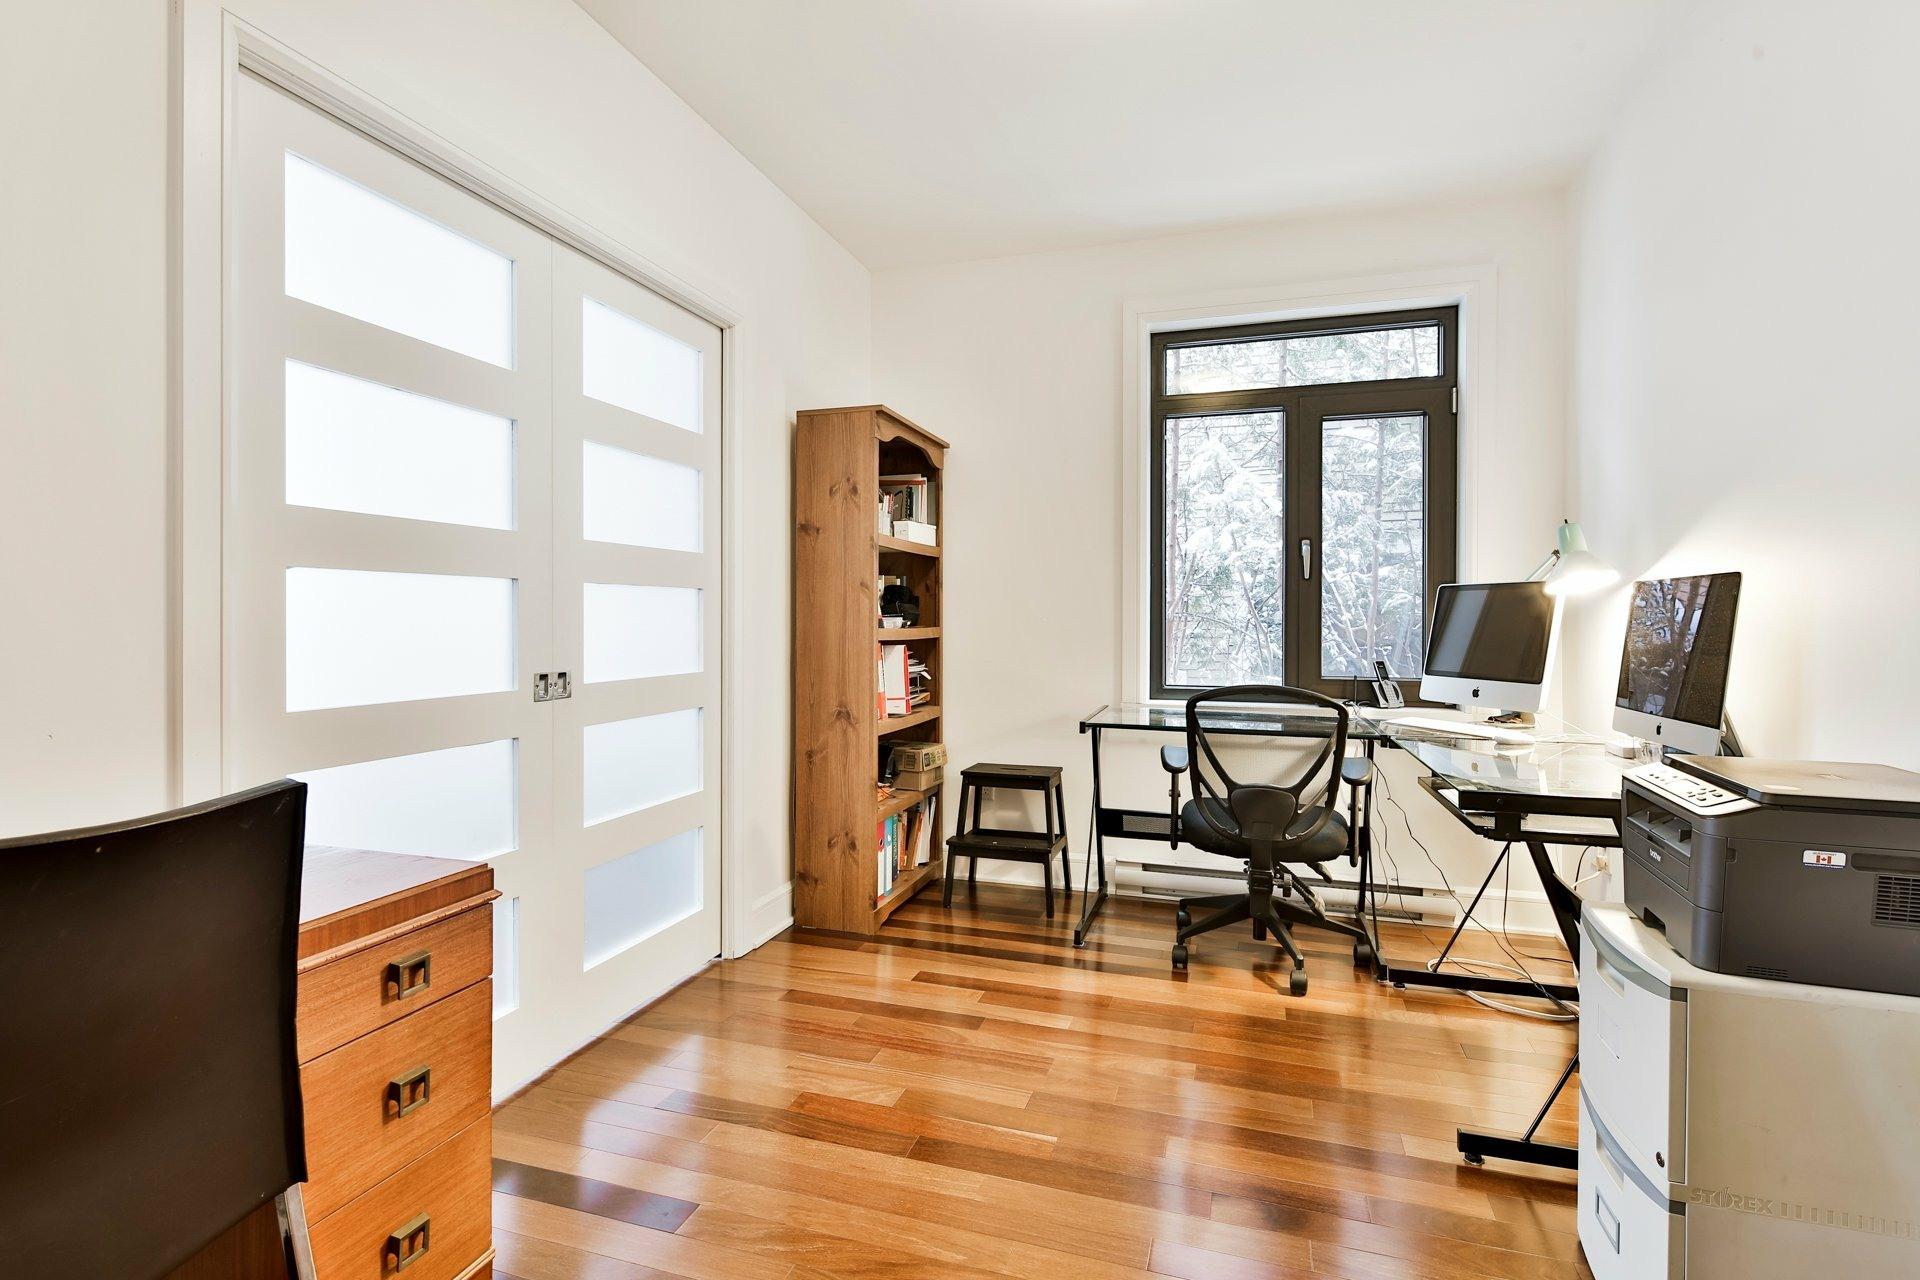 image 12 - Appartement À vendre Montréal Ahuntsic-Cartierville  - 11 pièces